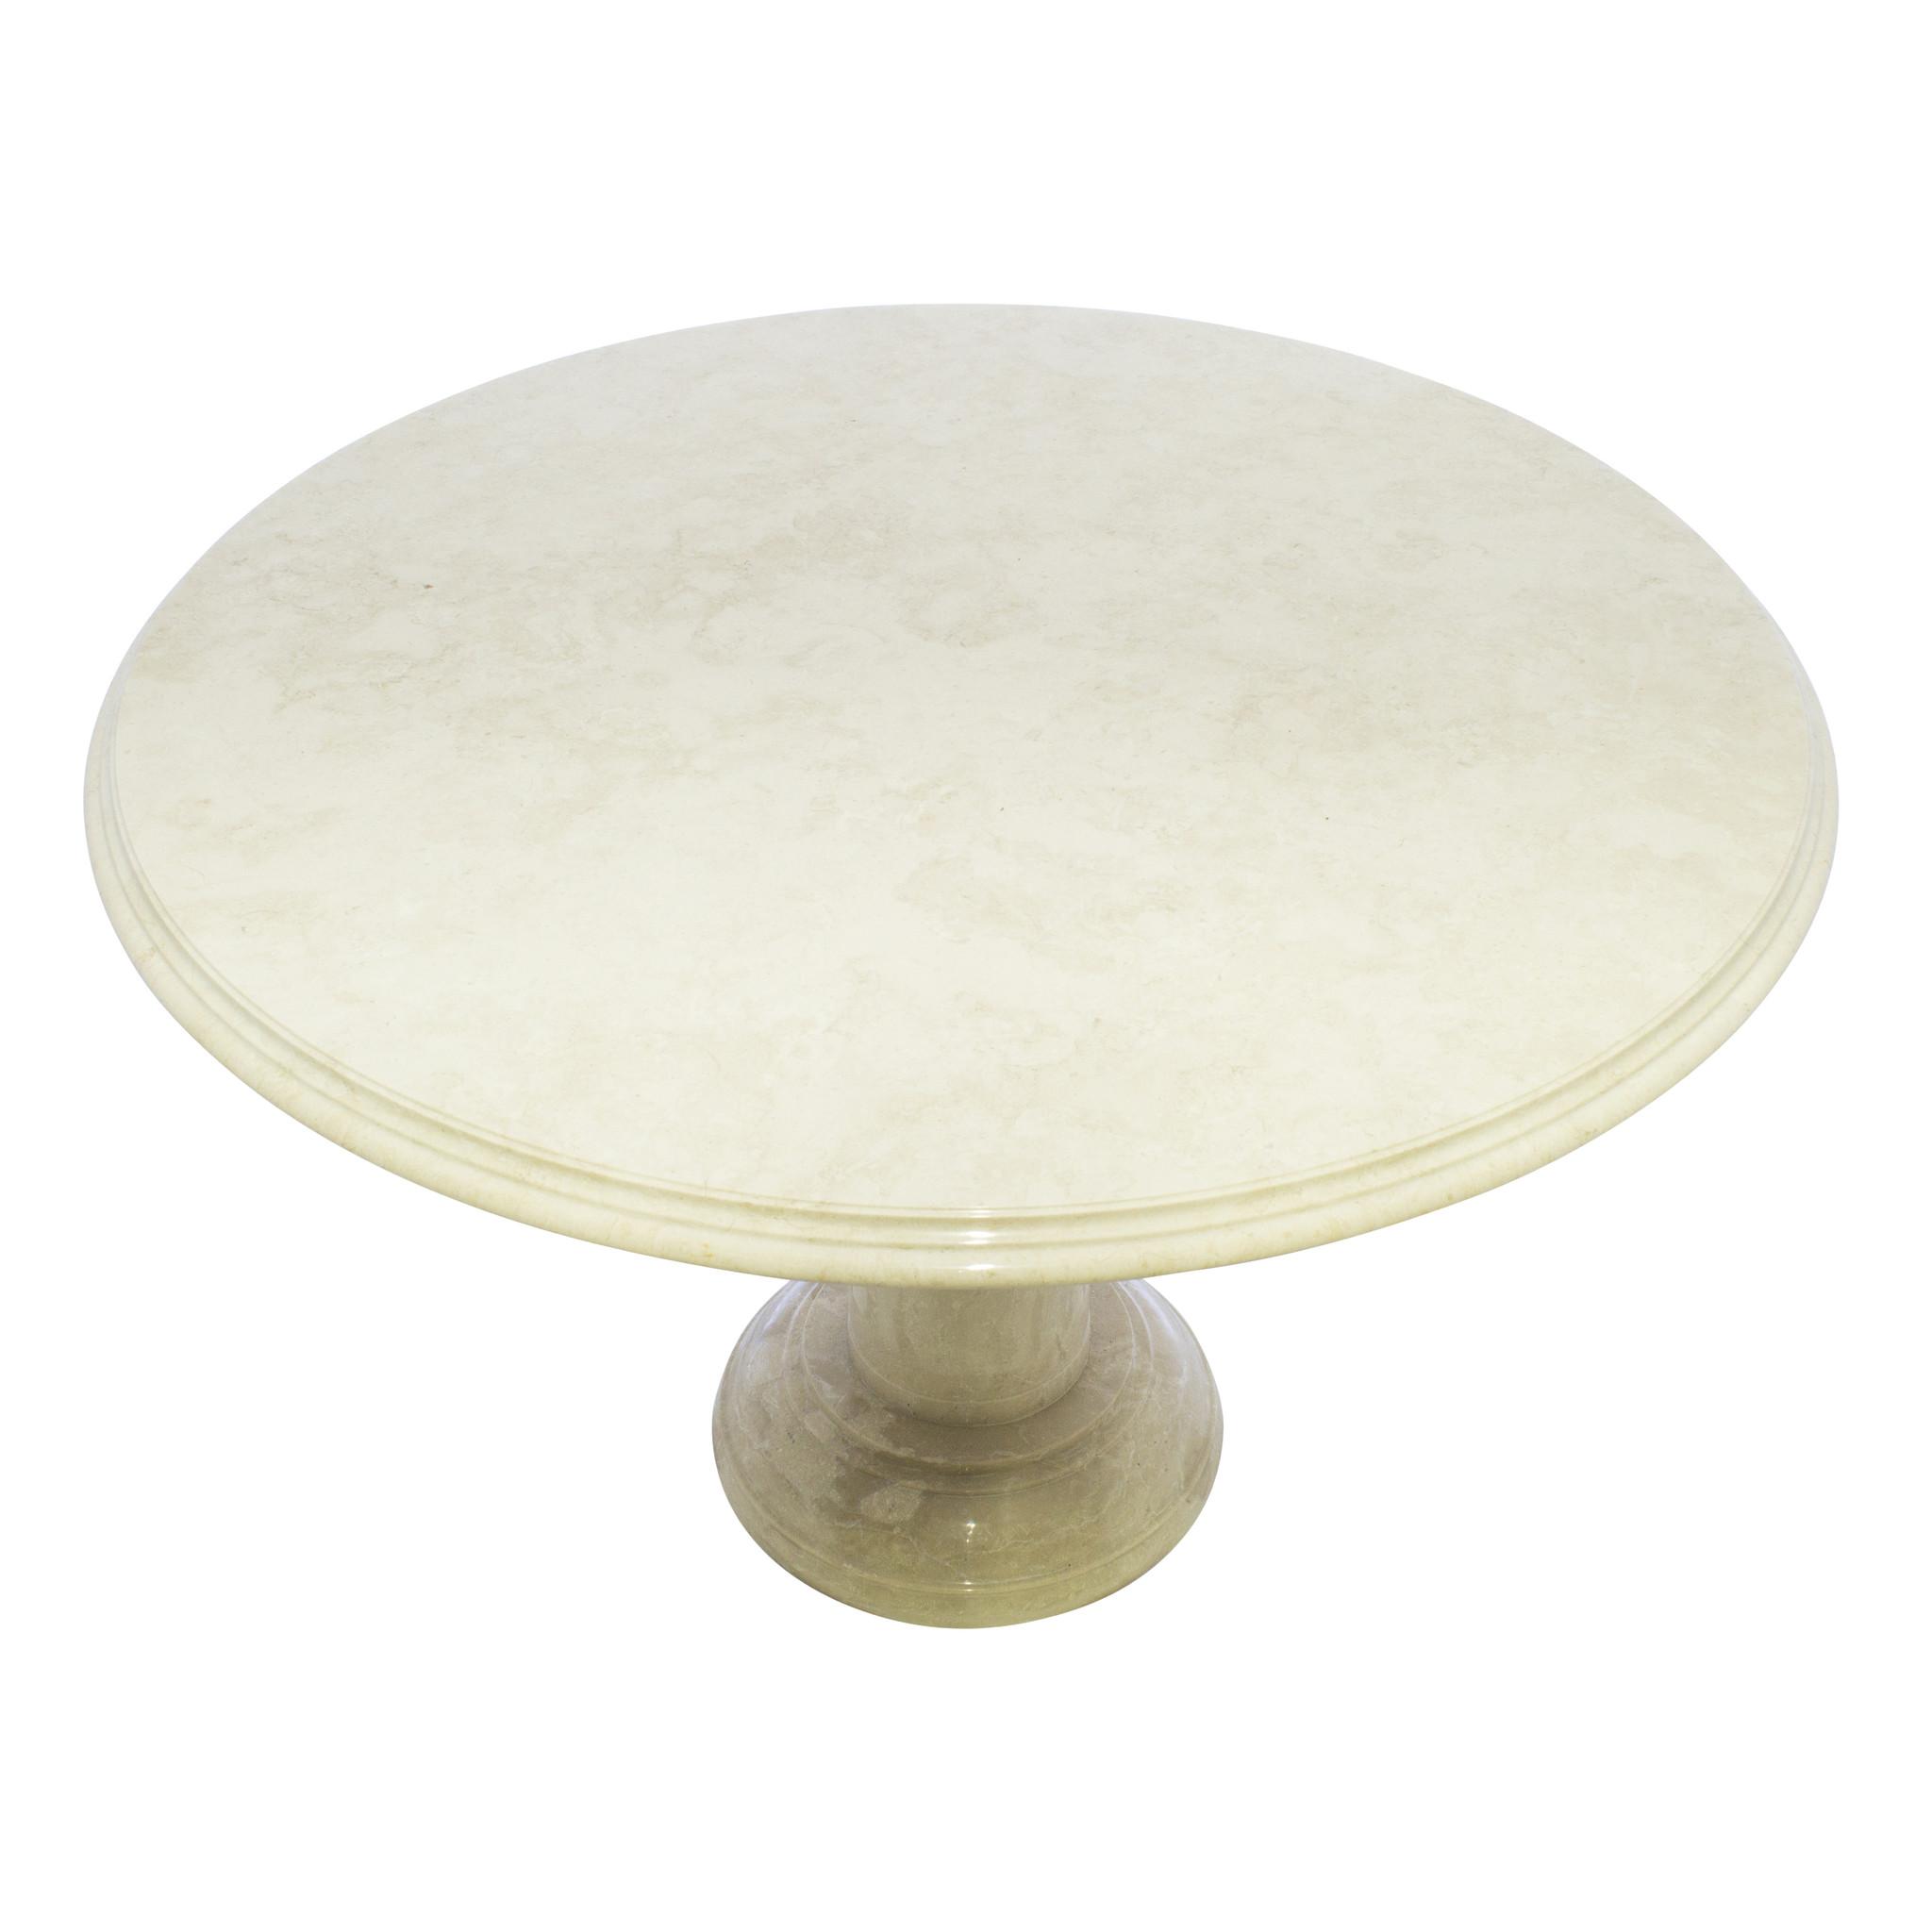 Indomarmer Esstisch Rund Ø120xH79 cm Creme Marmor